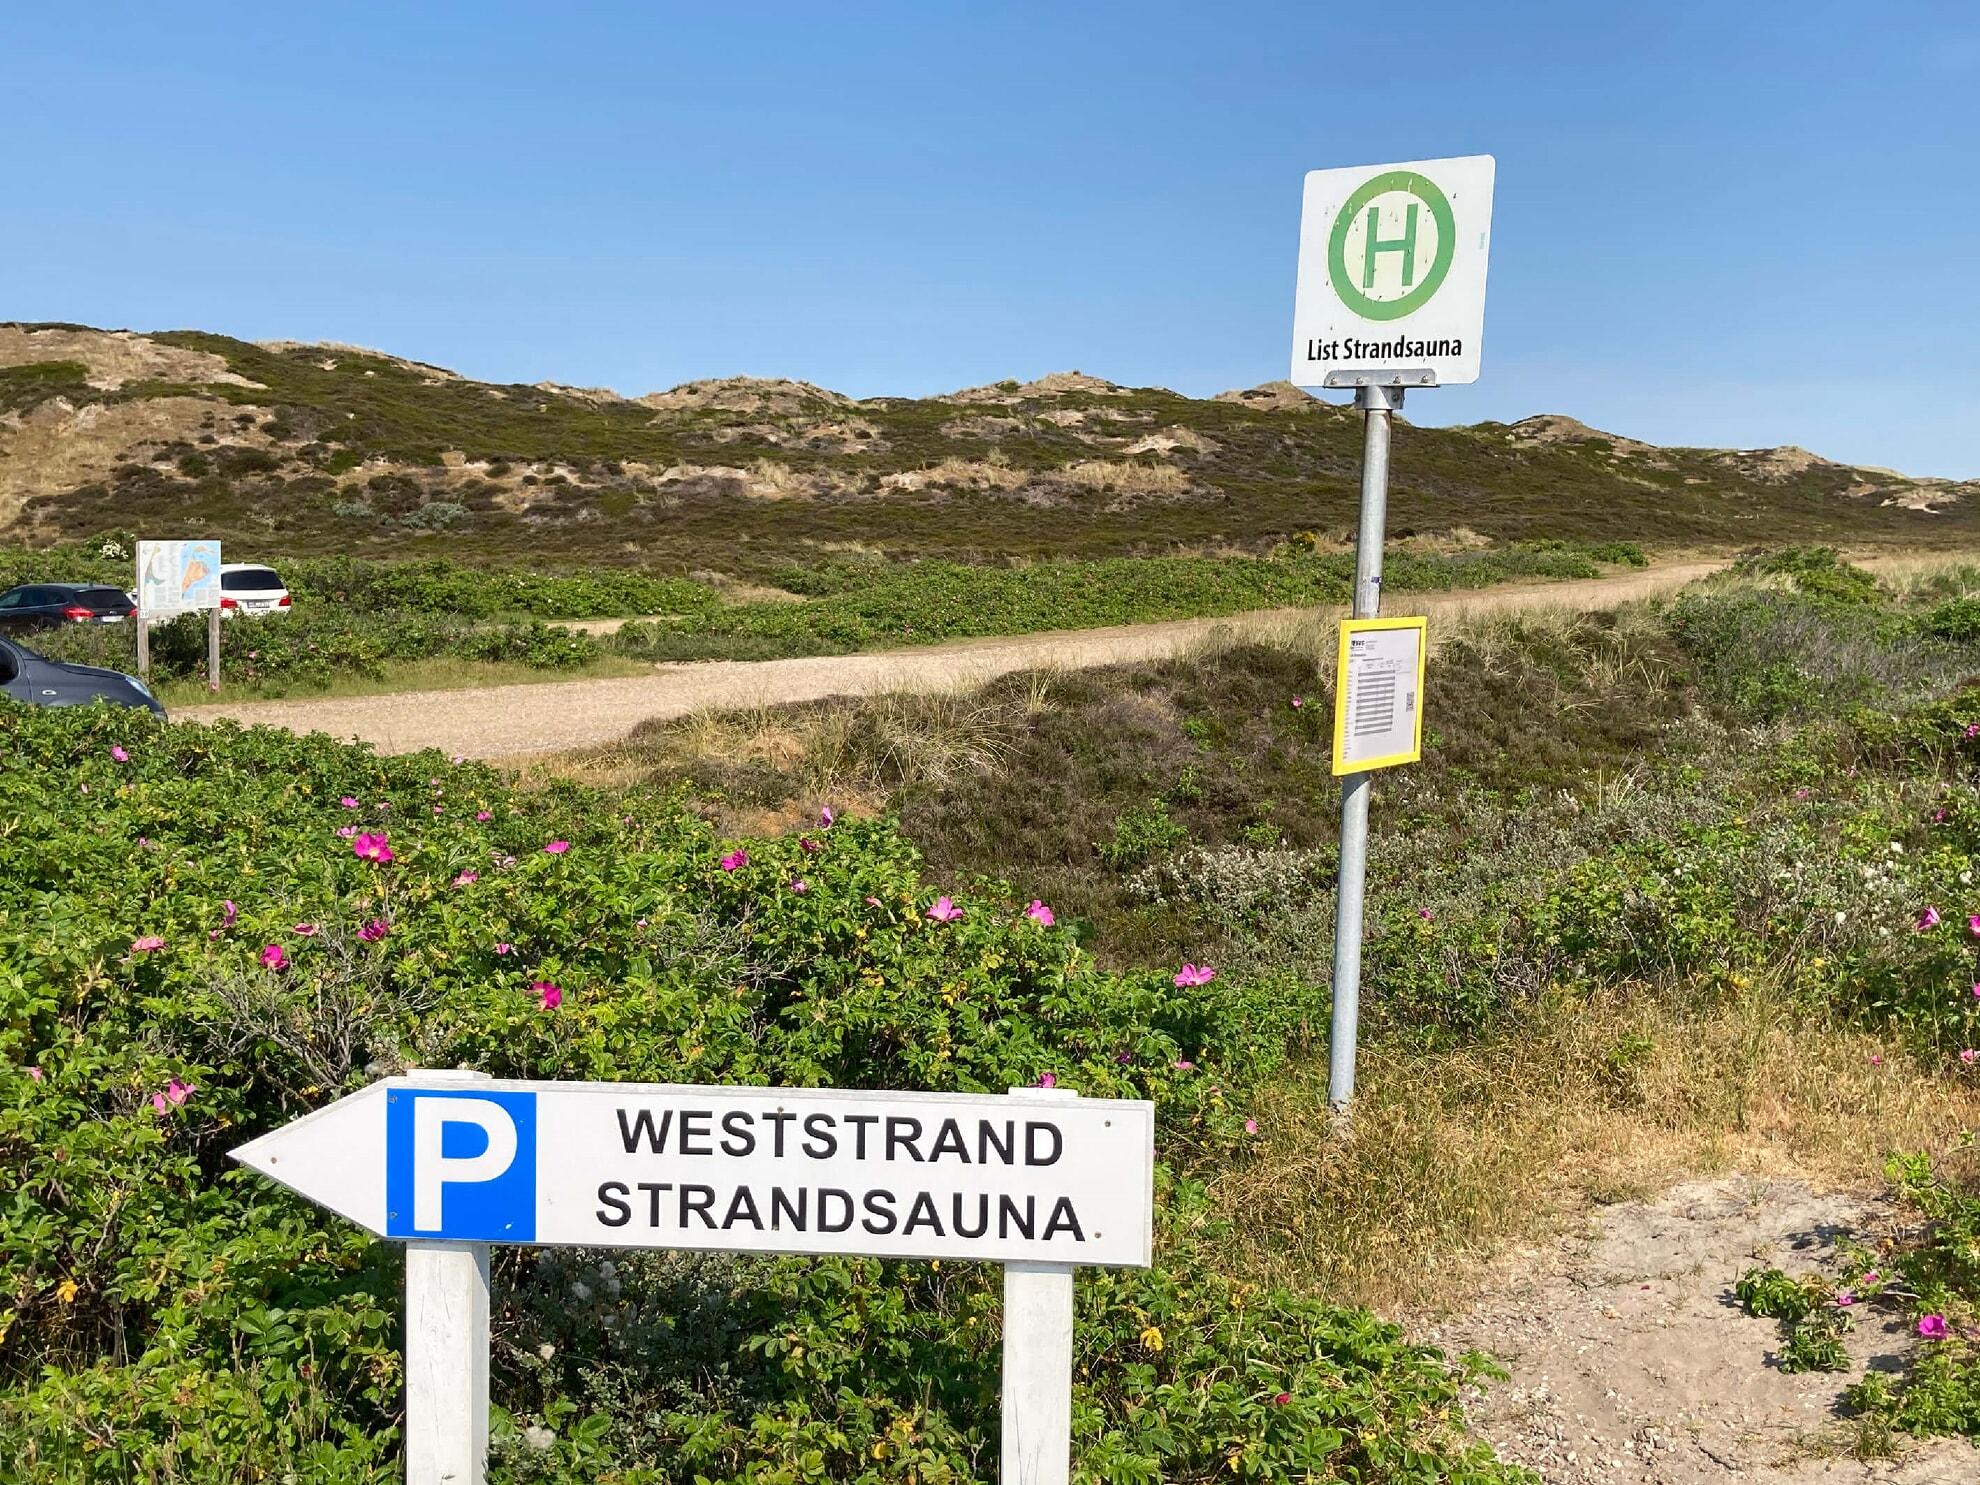 Bushaltestelle Strandsauna Richtung Westerland